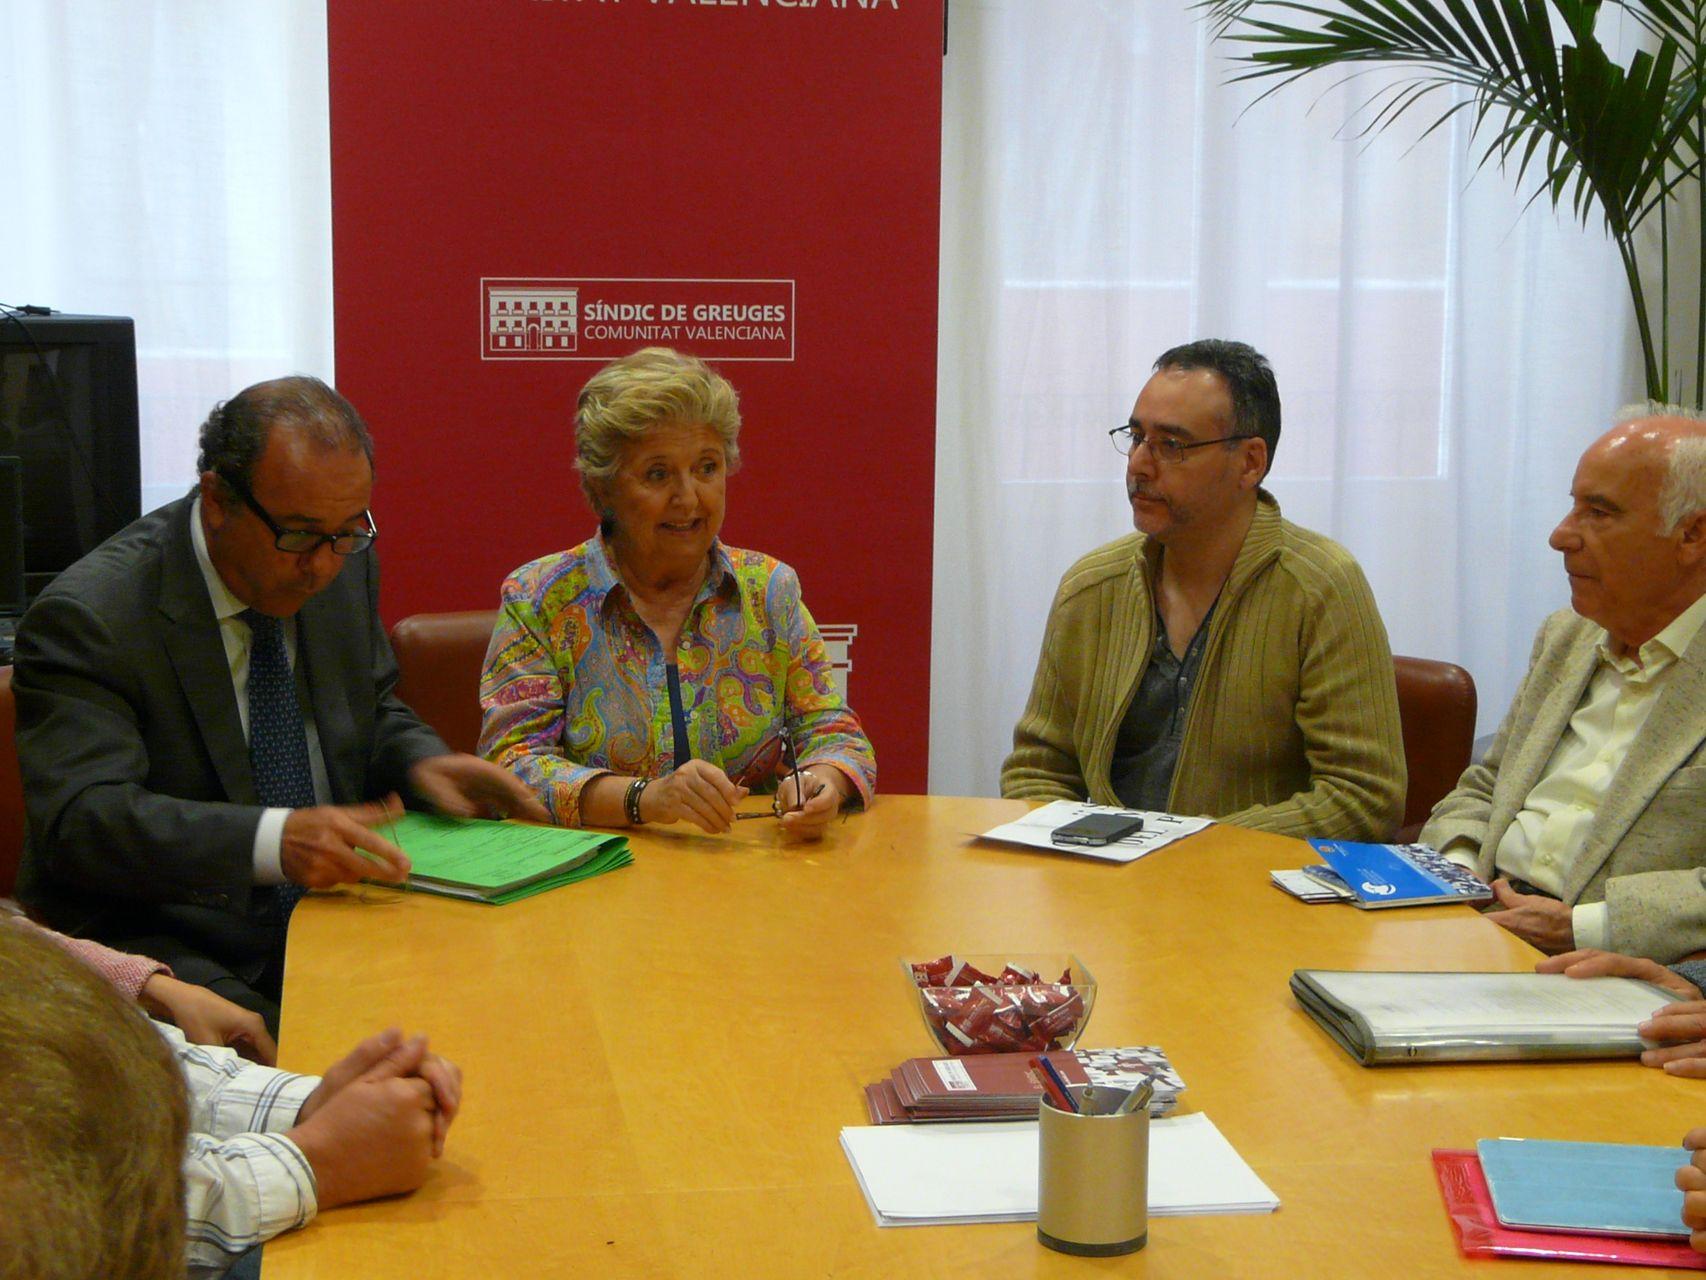 Reunión de la síndica con los afectados por la contaminación del Puerto de Alicante